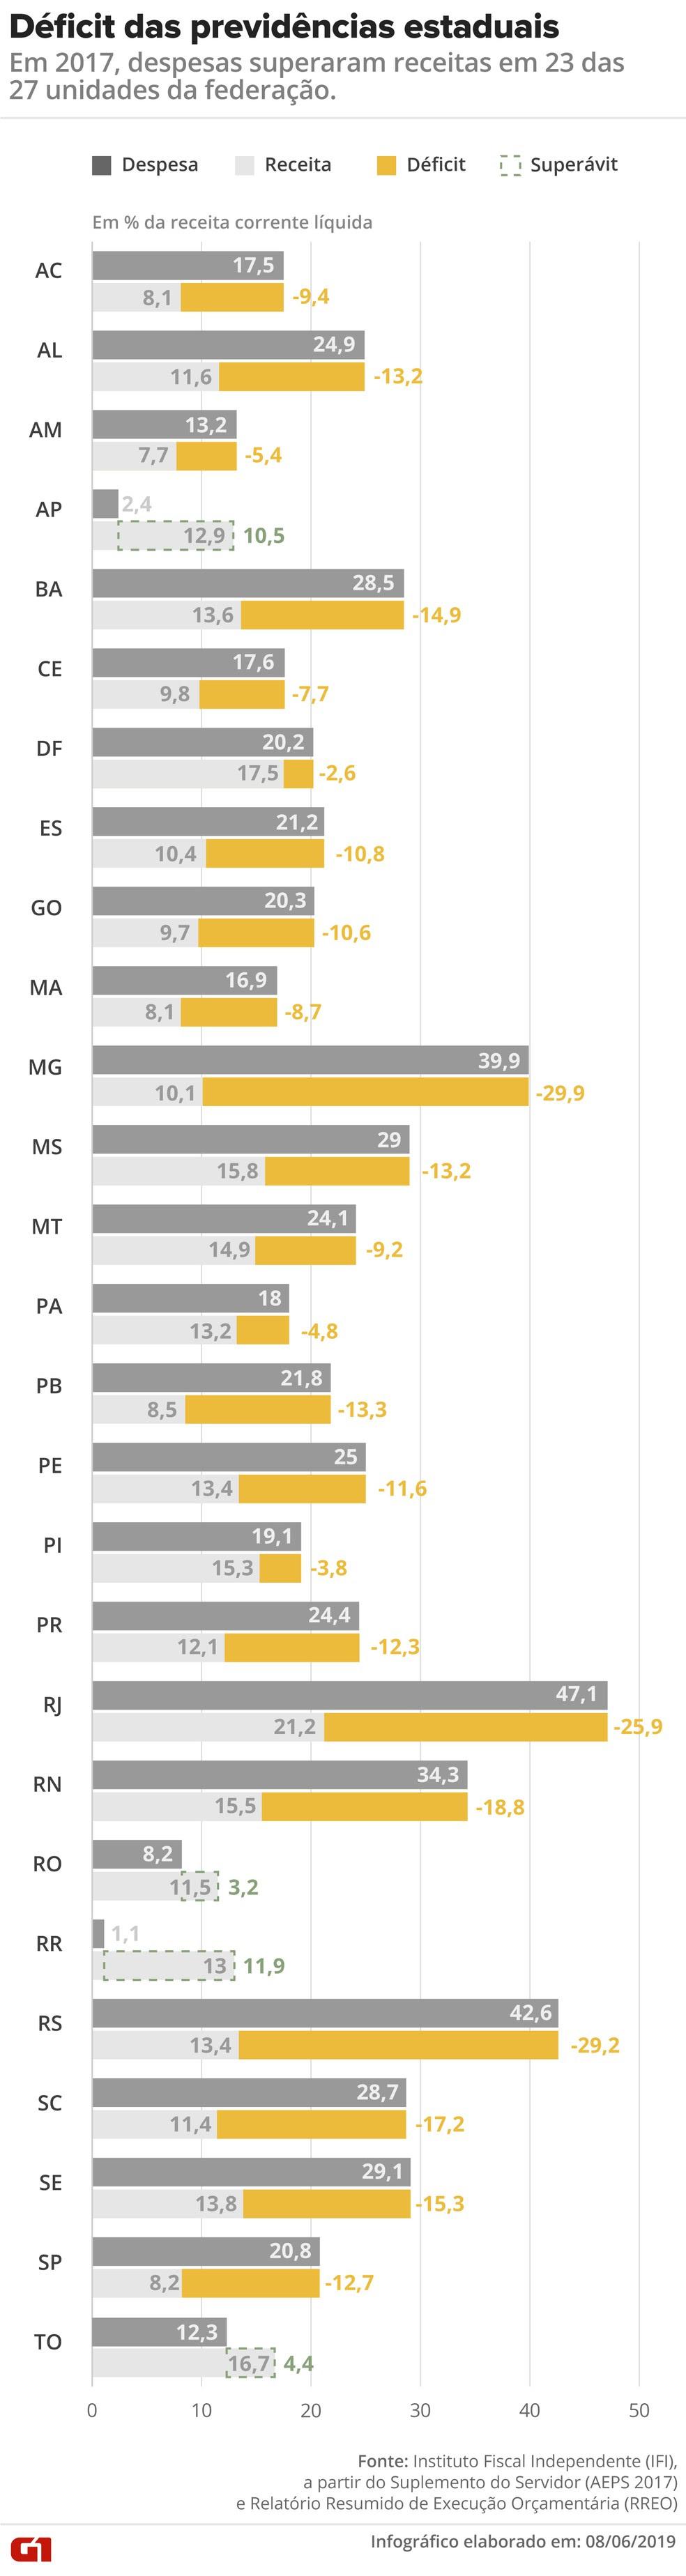 Déficit das previdências estaduais — Foto: Infografia: Diana Yukari/G1